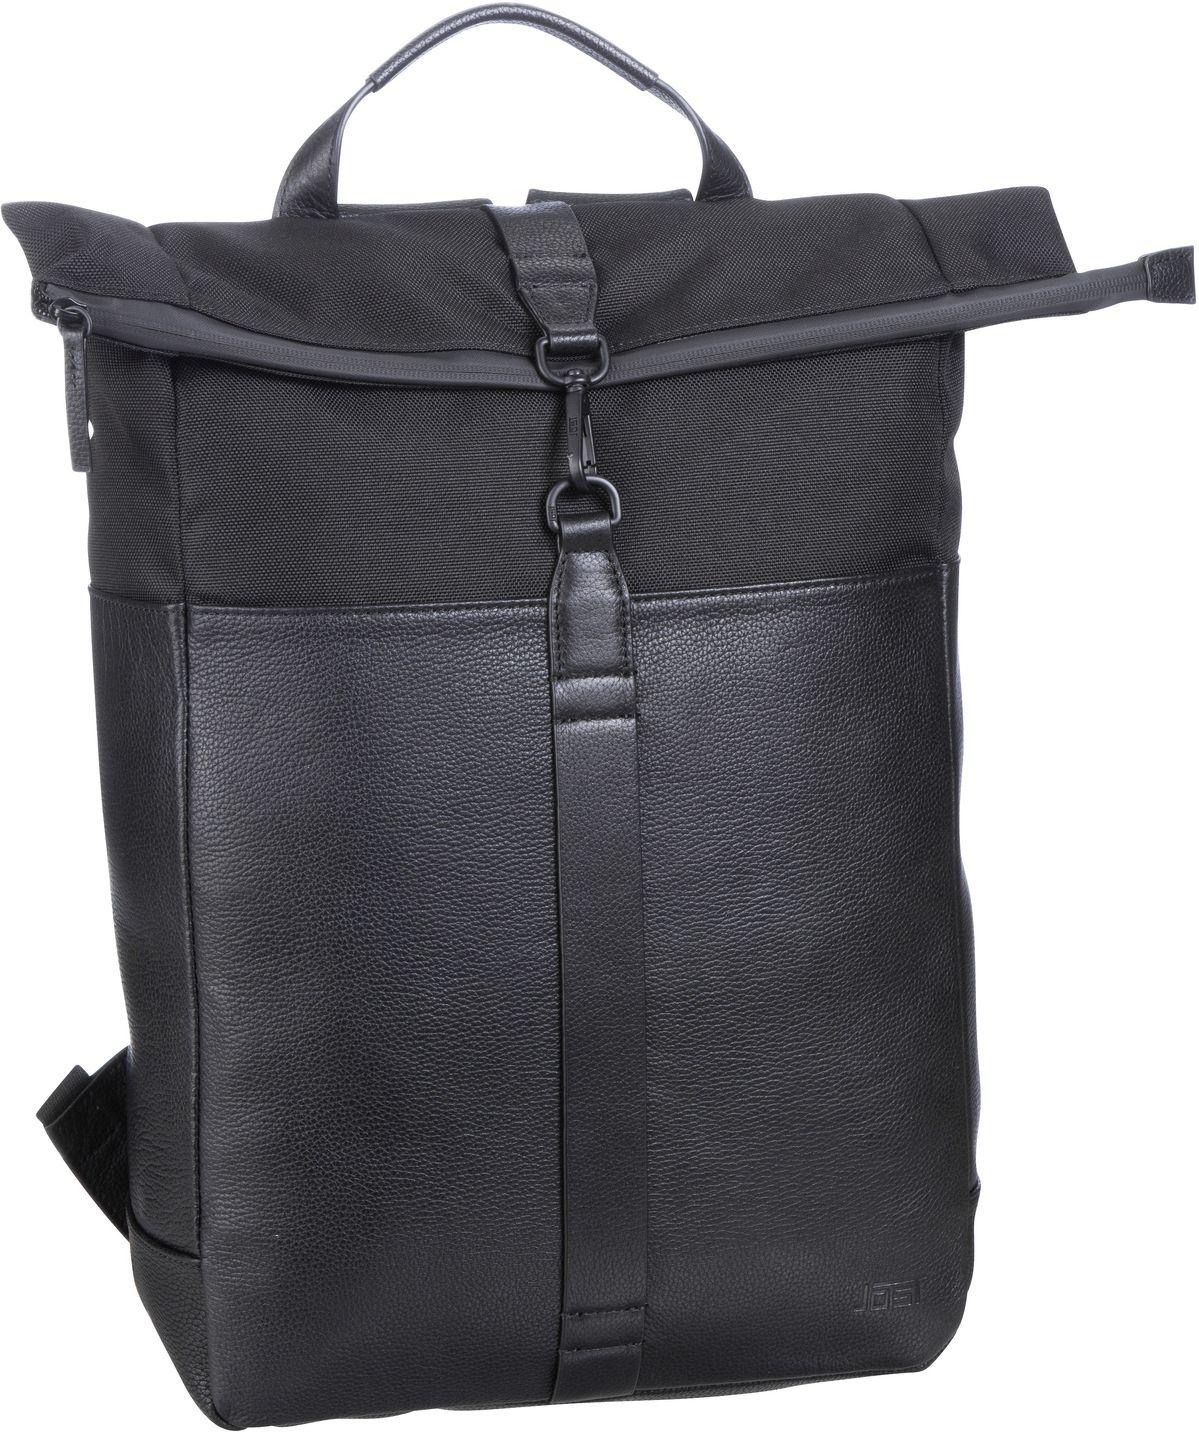 Laptoprucksack Reykjavik 4003 Backpack Courier Black